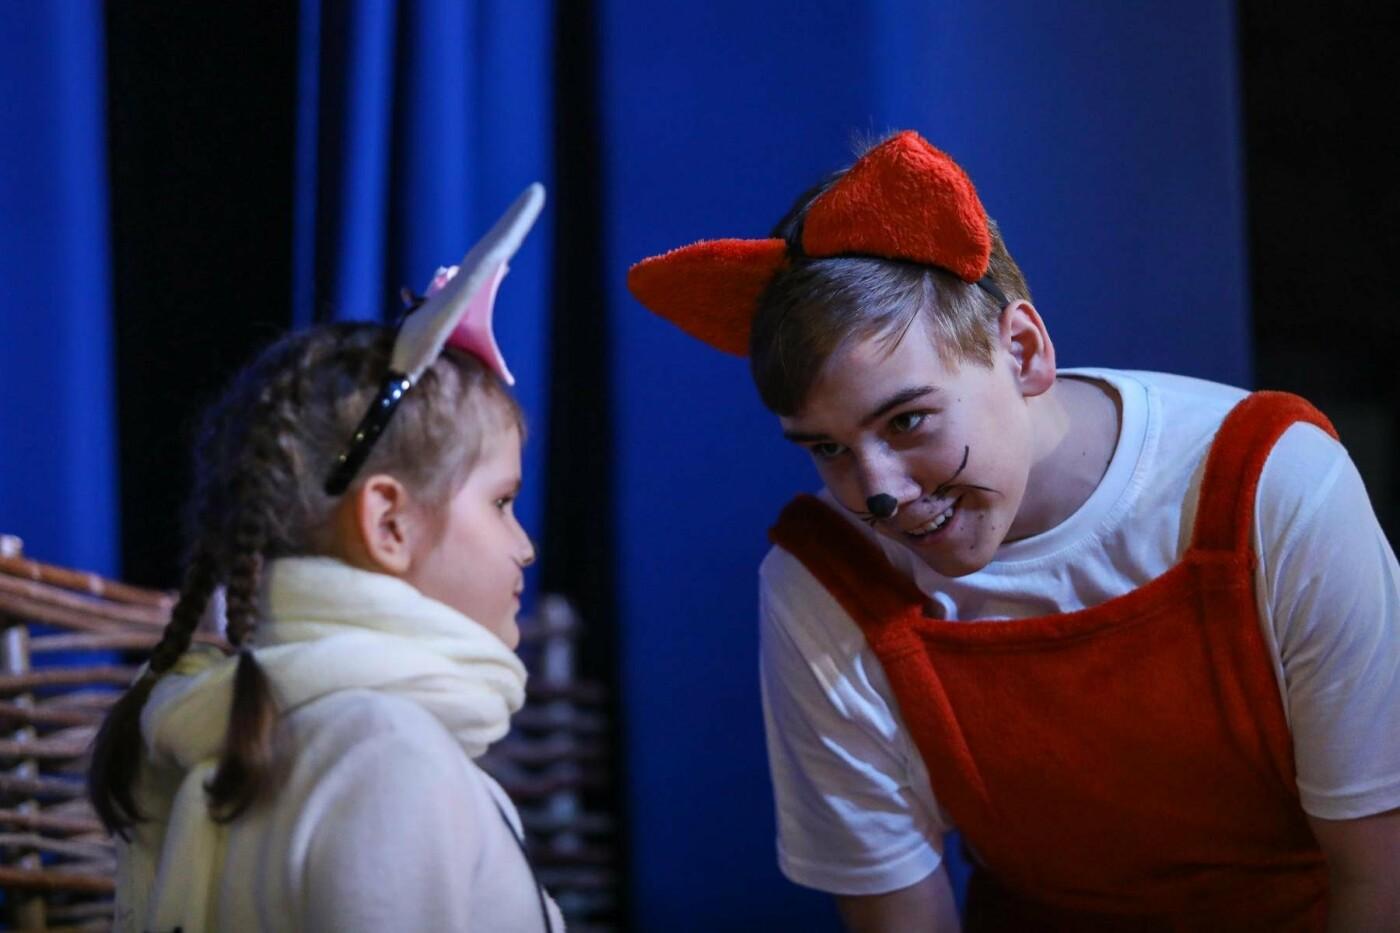 В Белгороде состоялась премьера инклюзивного спектакля «Приключения белой мышки», фото-6